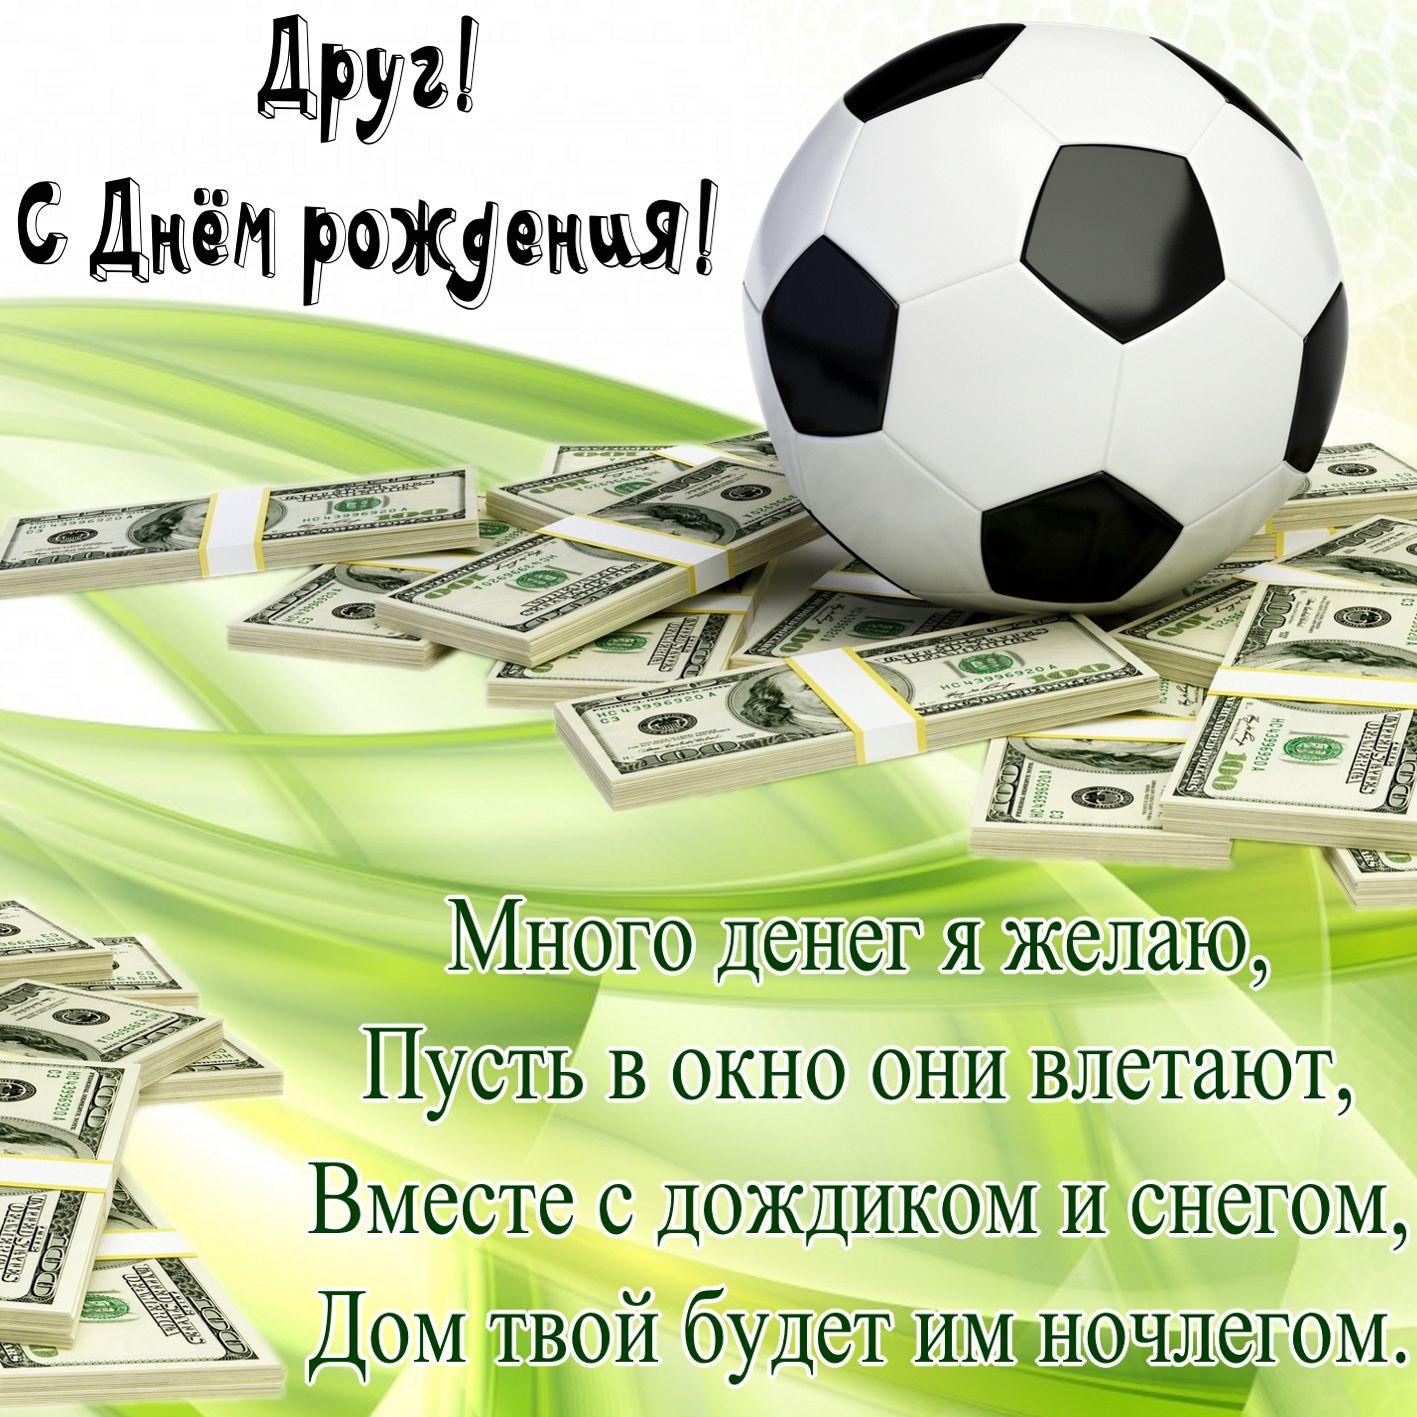 Открытка другу на День рождения - футбольный мяч на пачках долларов